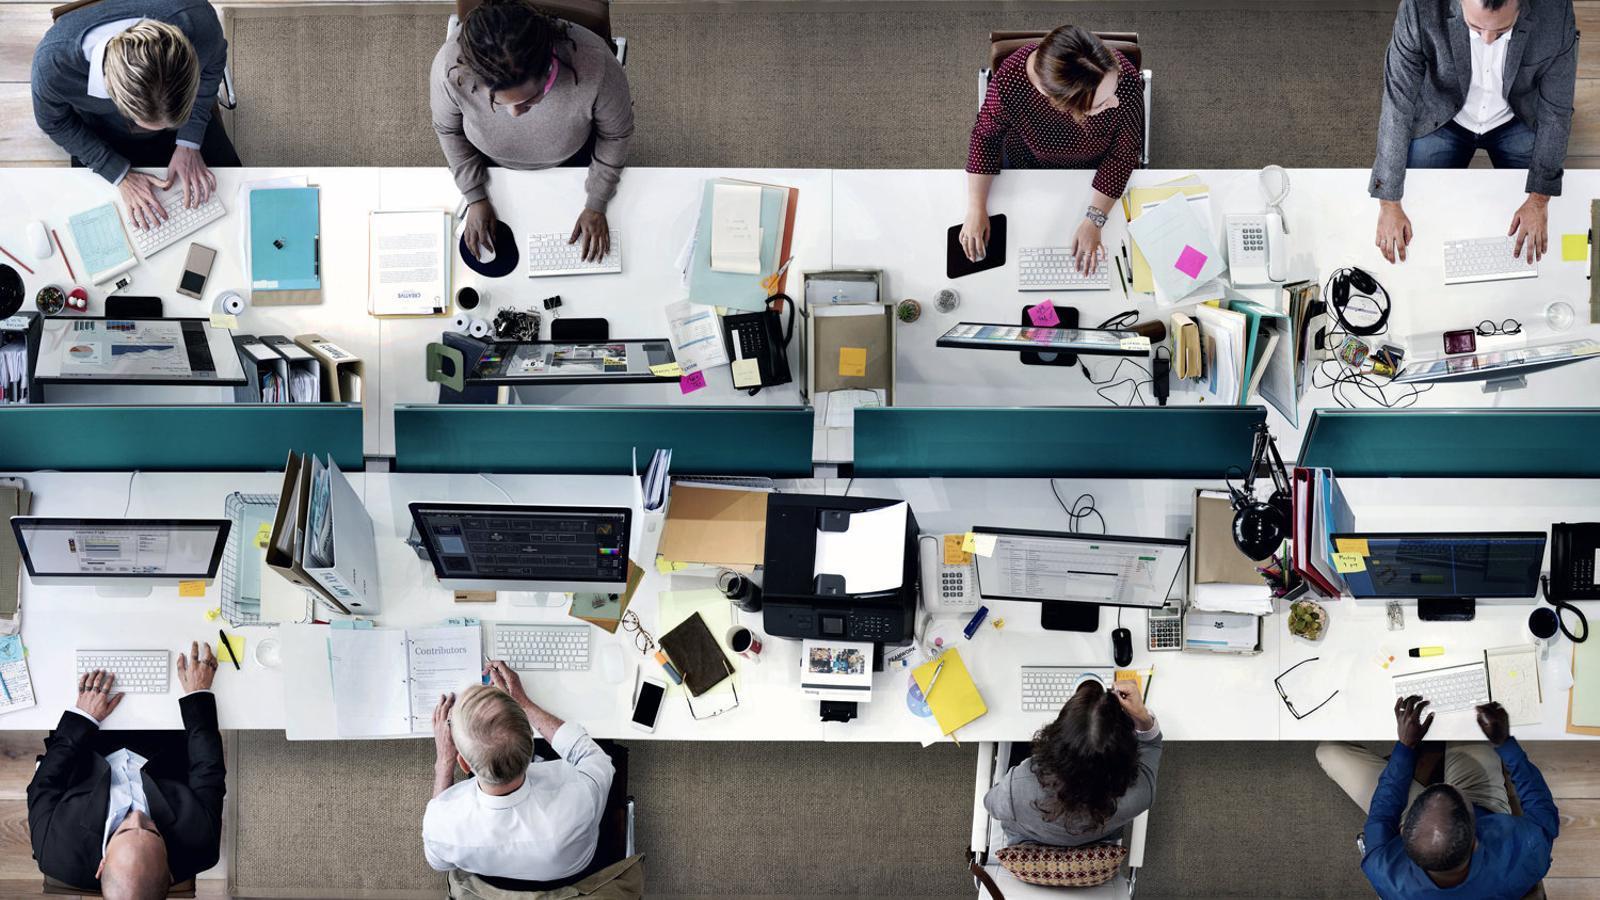 La discriminaci dels treballadors m s grans un fet il for Oficina i arxiu